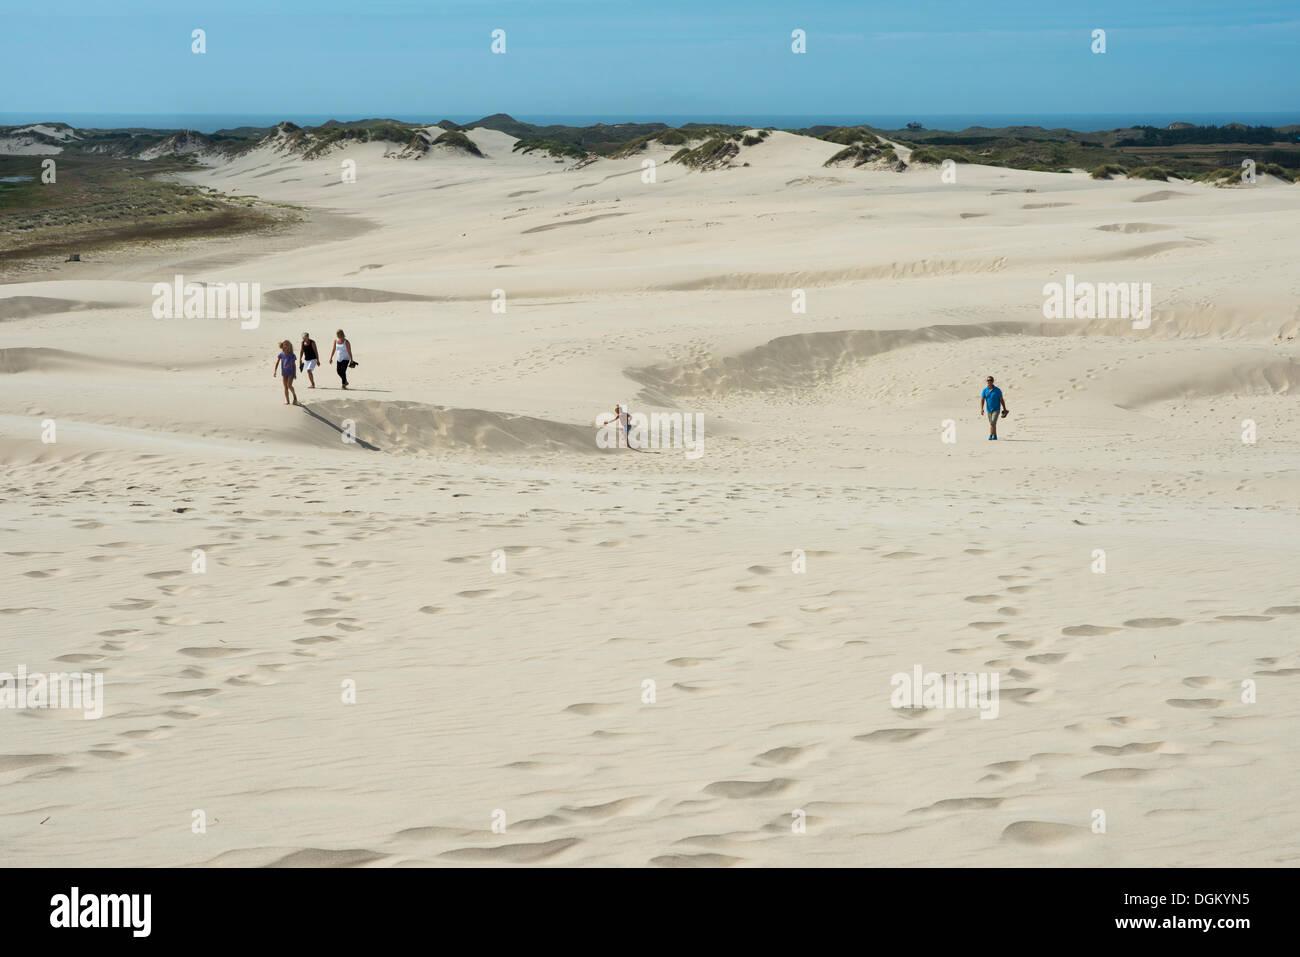 Les touristes se promenant sur la migration, dune Råbjerg Mile Kandestederne, Region Nordjylland, Jutland, Danemark Photo Stock